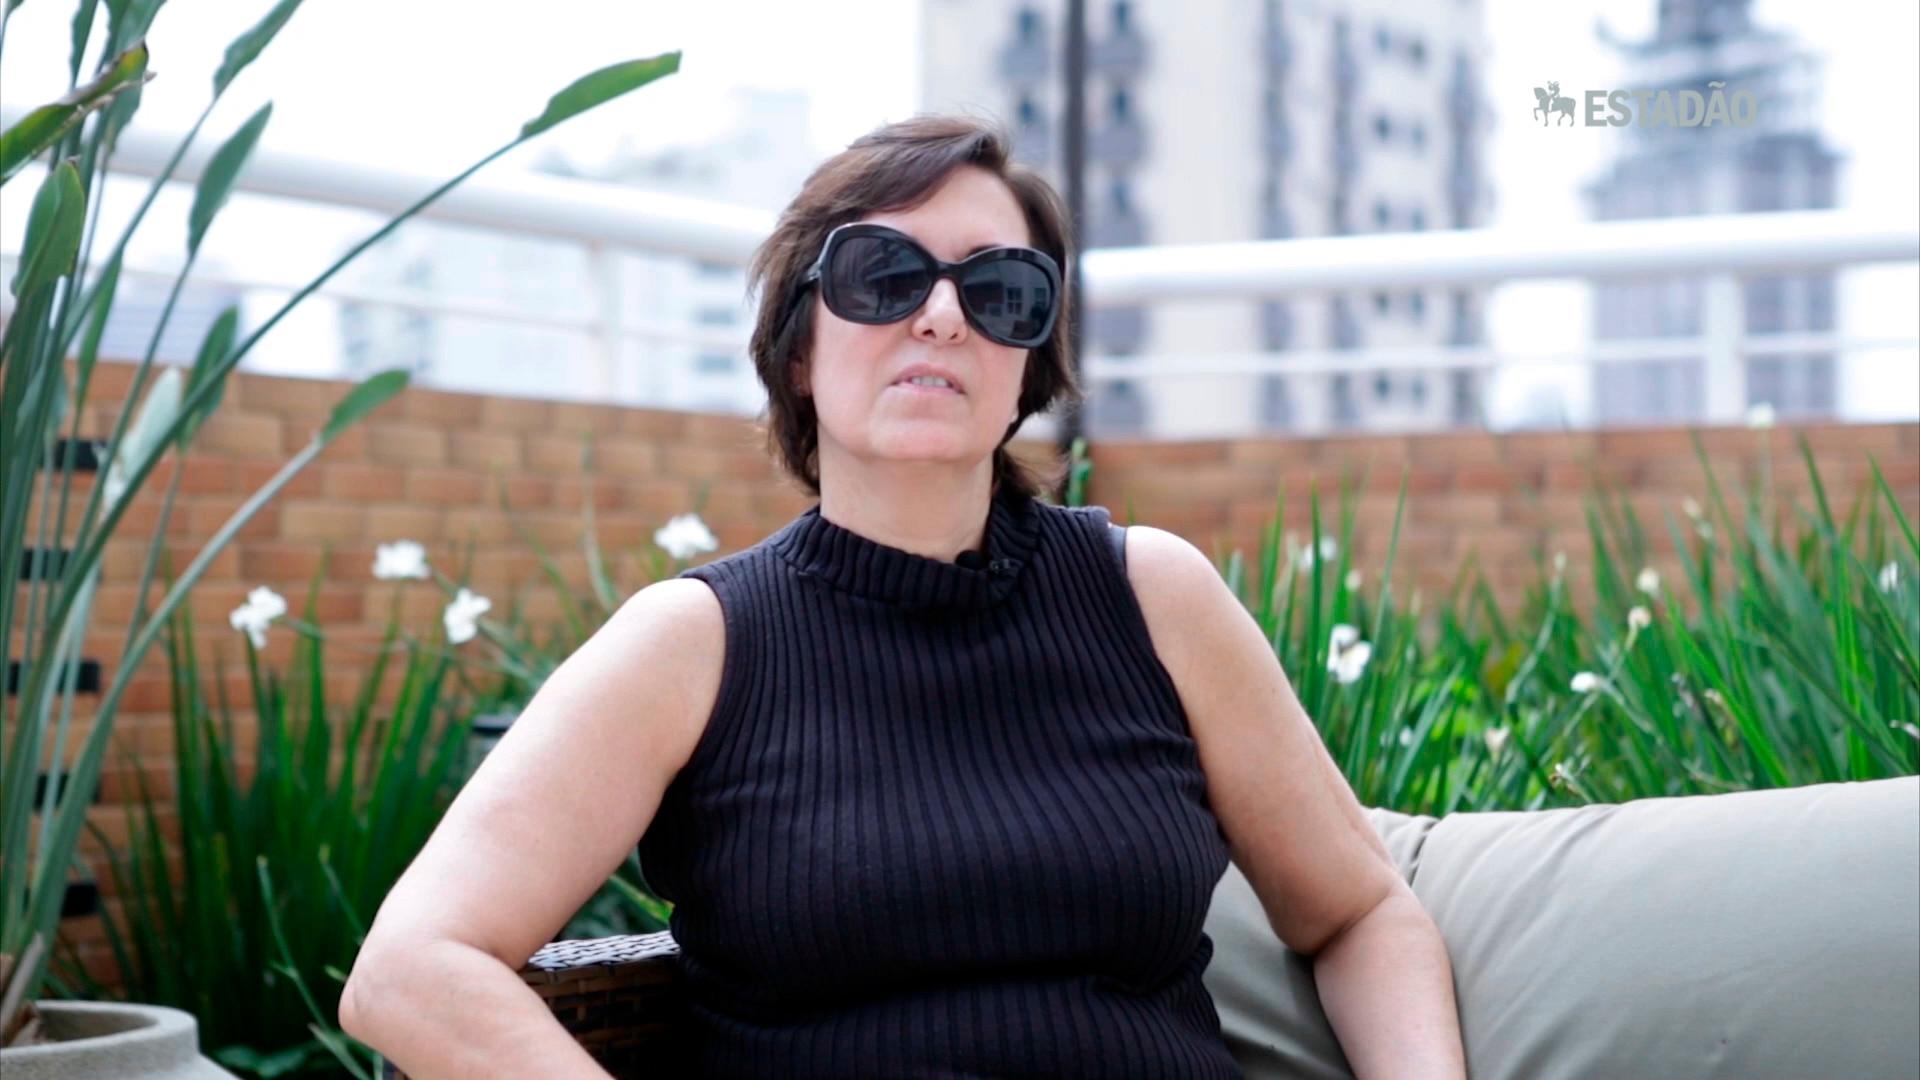 Viver Melhor: Professora deixa trabalho e adota exercício e meditação